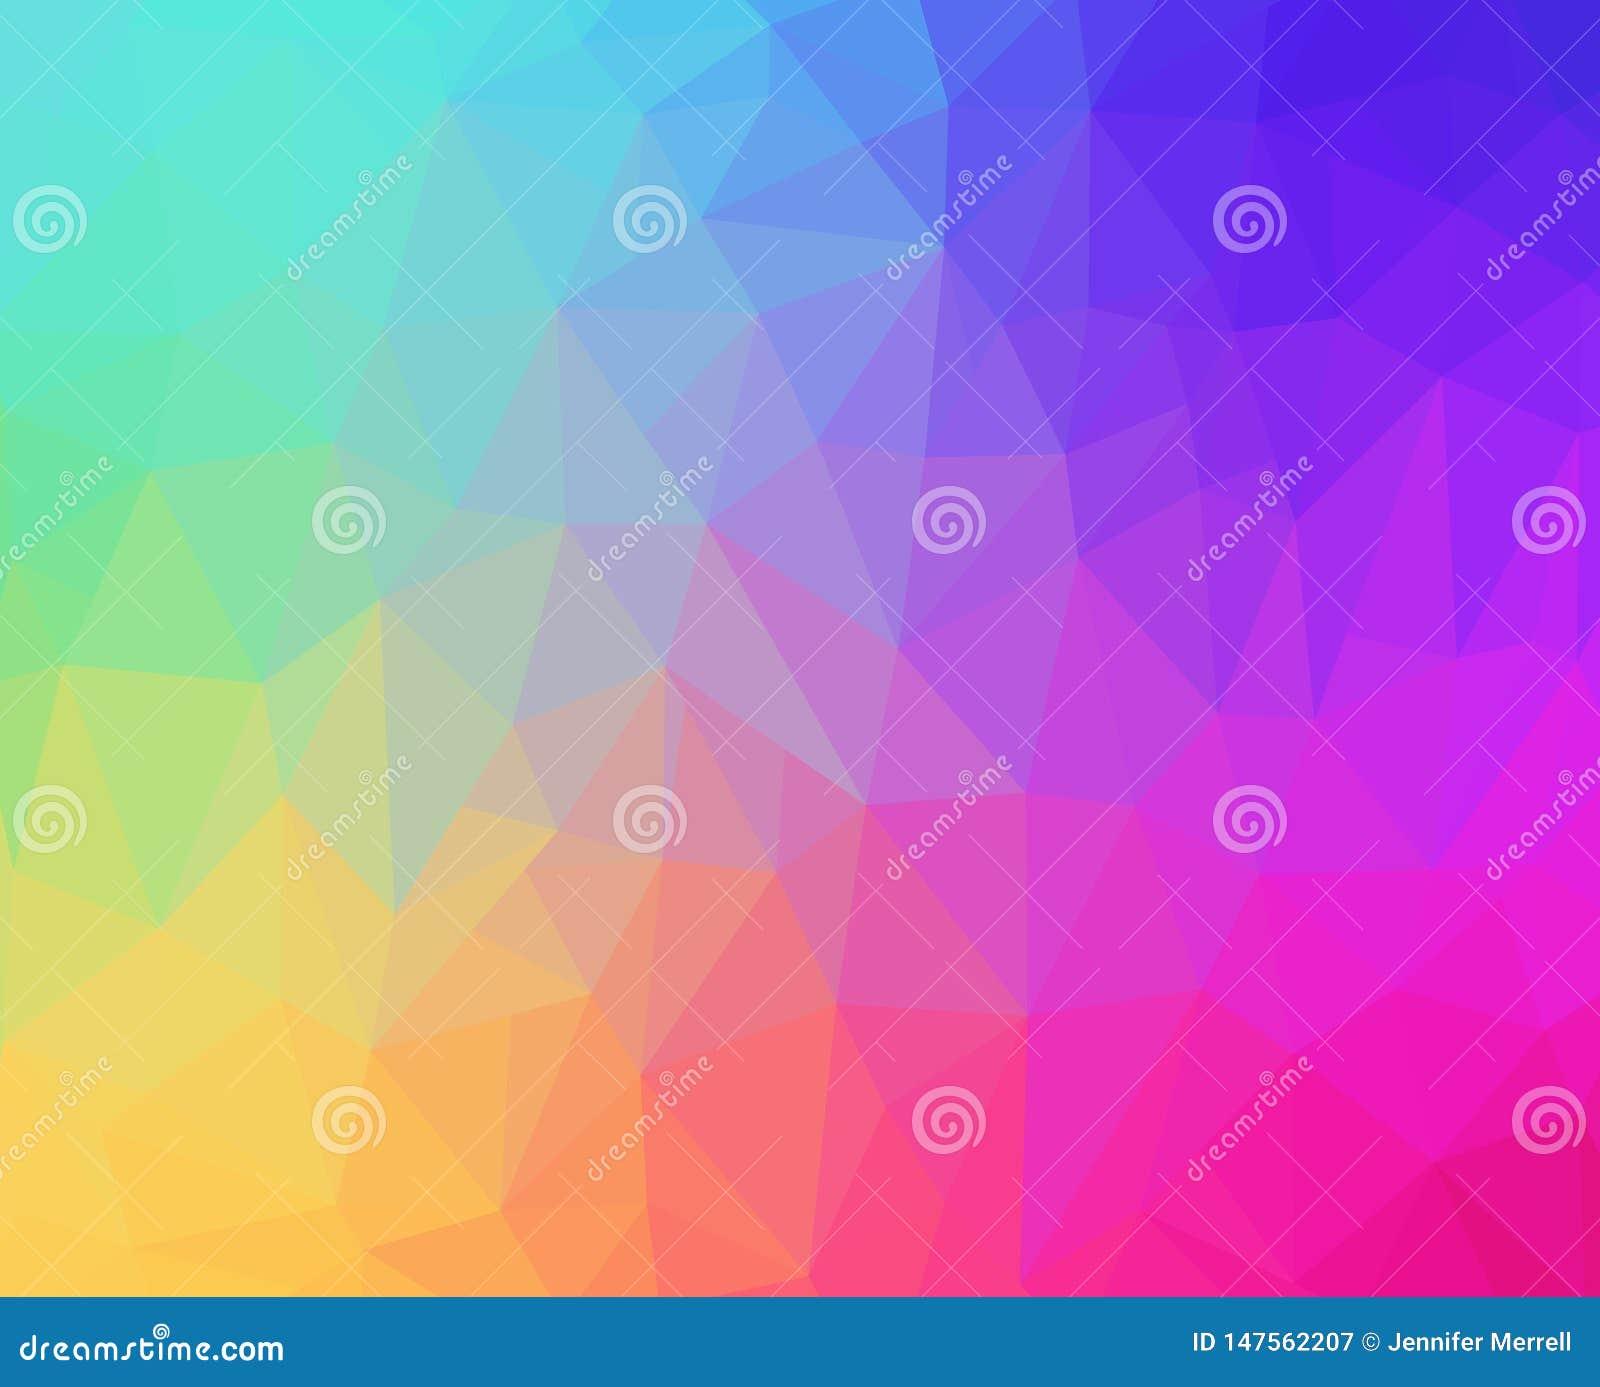 彩虹淡色多角形背景